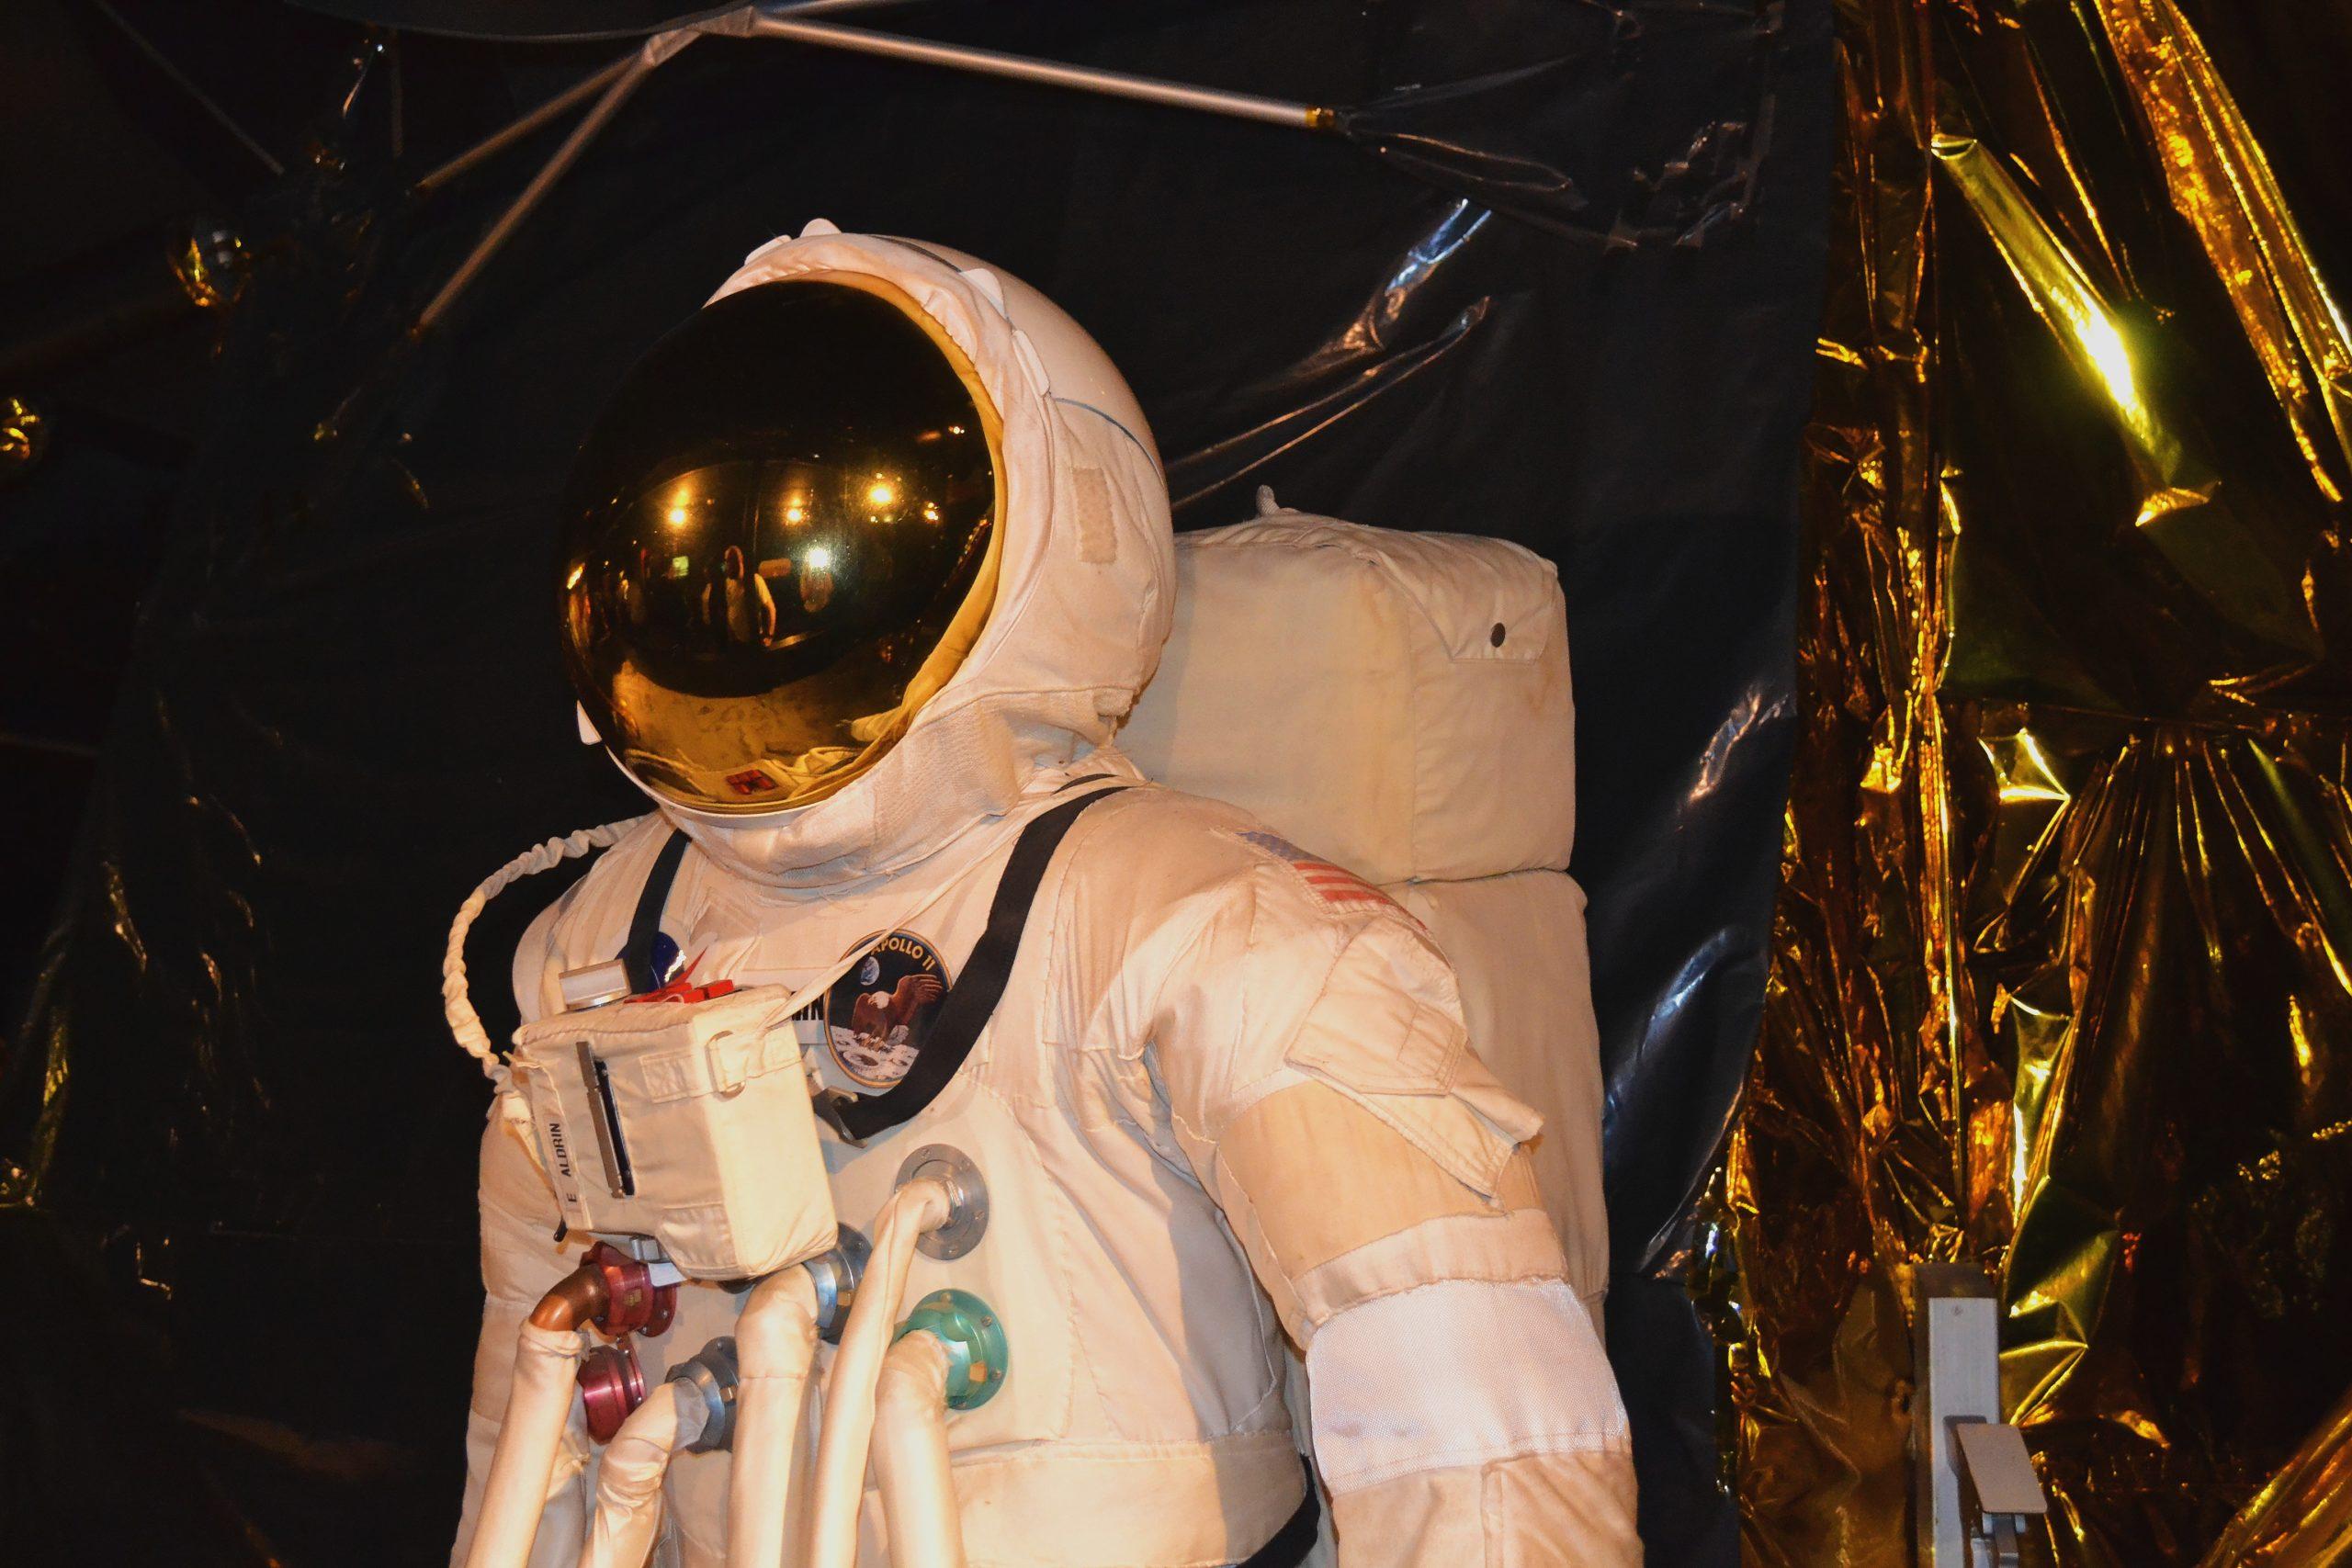 【宇宙飛行士になるには】どこの大学、どの分野を学べば宇宙飛行士になれるの?